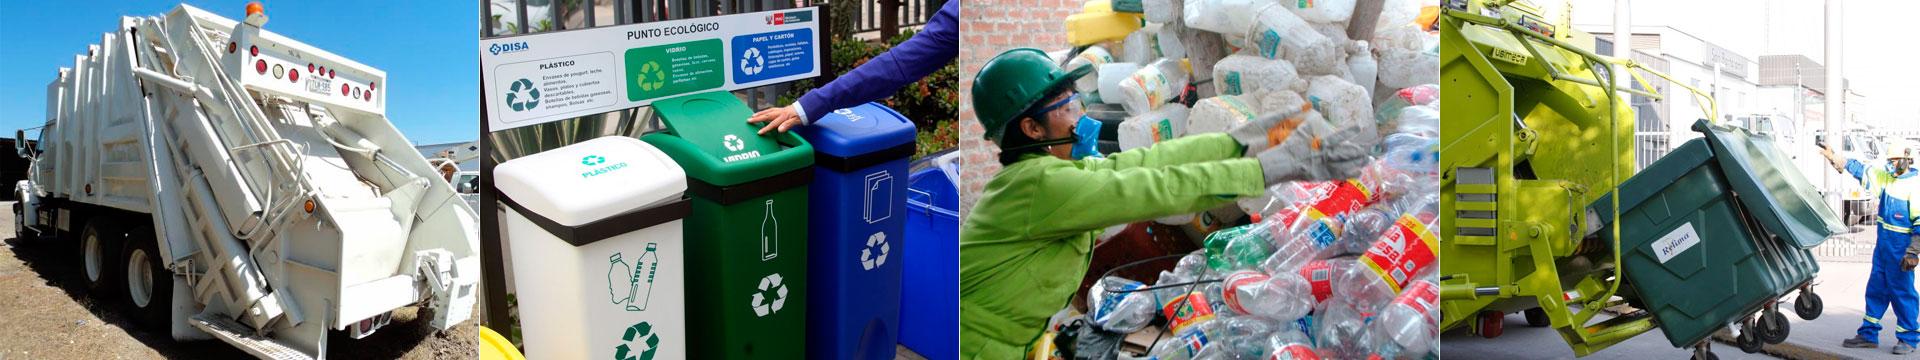 Succi n de pozos s pticos limpieza de trampas de grasa for Limpieza de pozos de agua